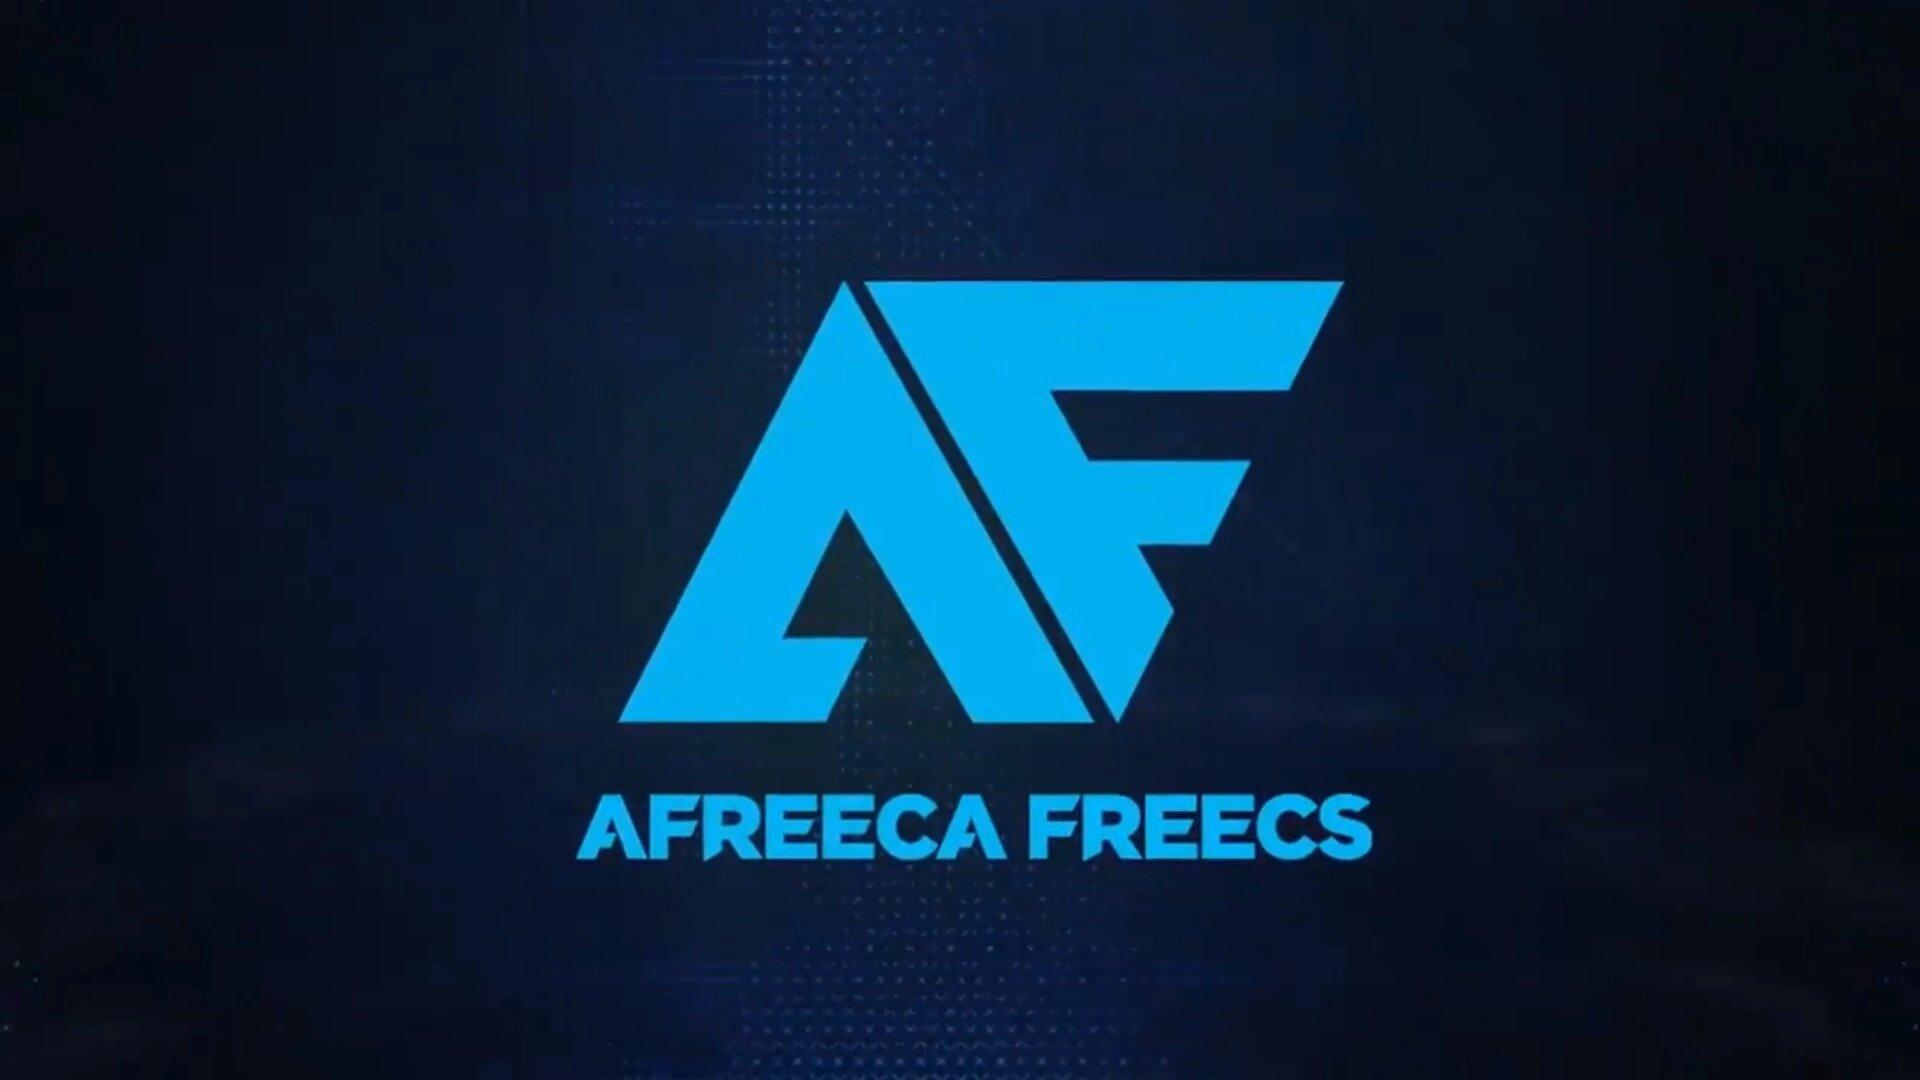 Afreeca Freecs cambia su logo y renueva su marca | Dot Esports Español